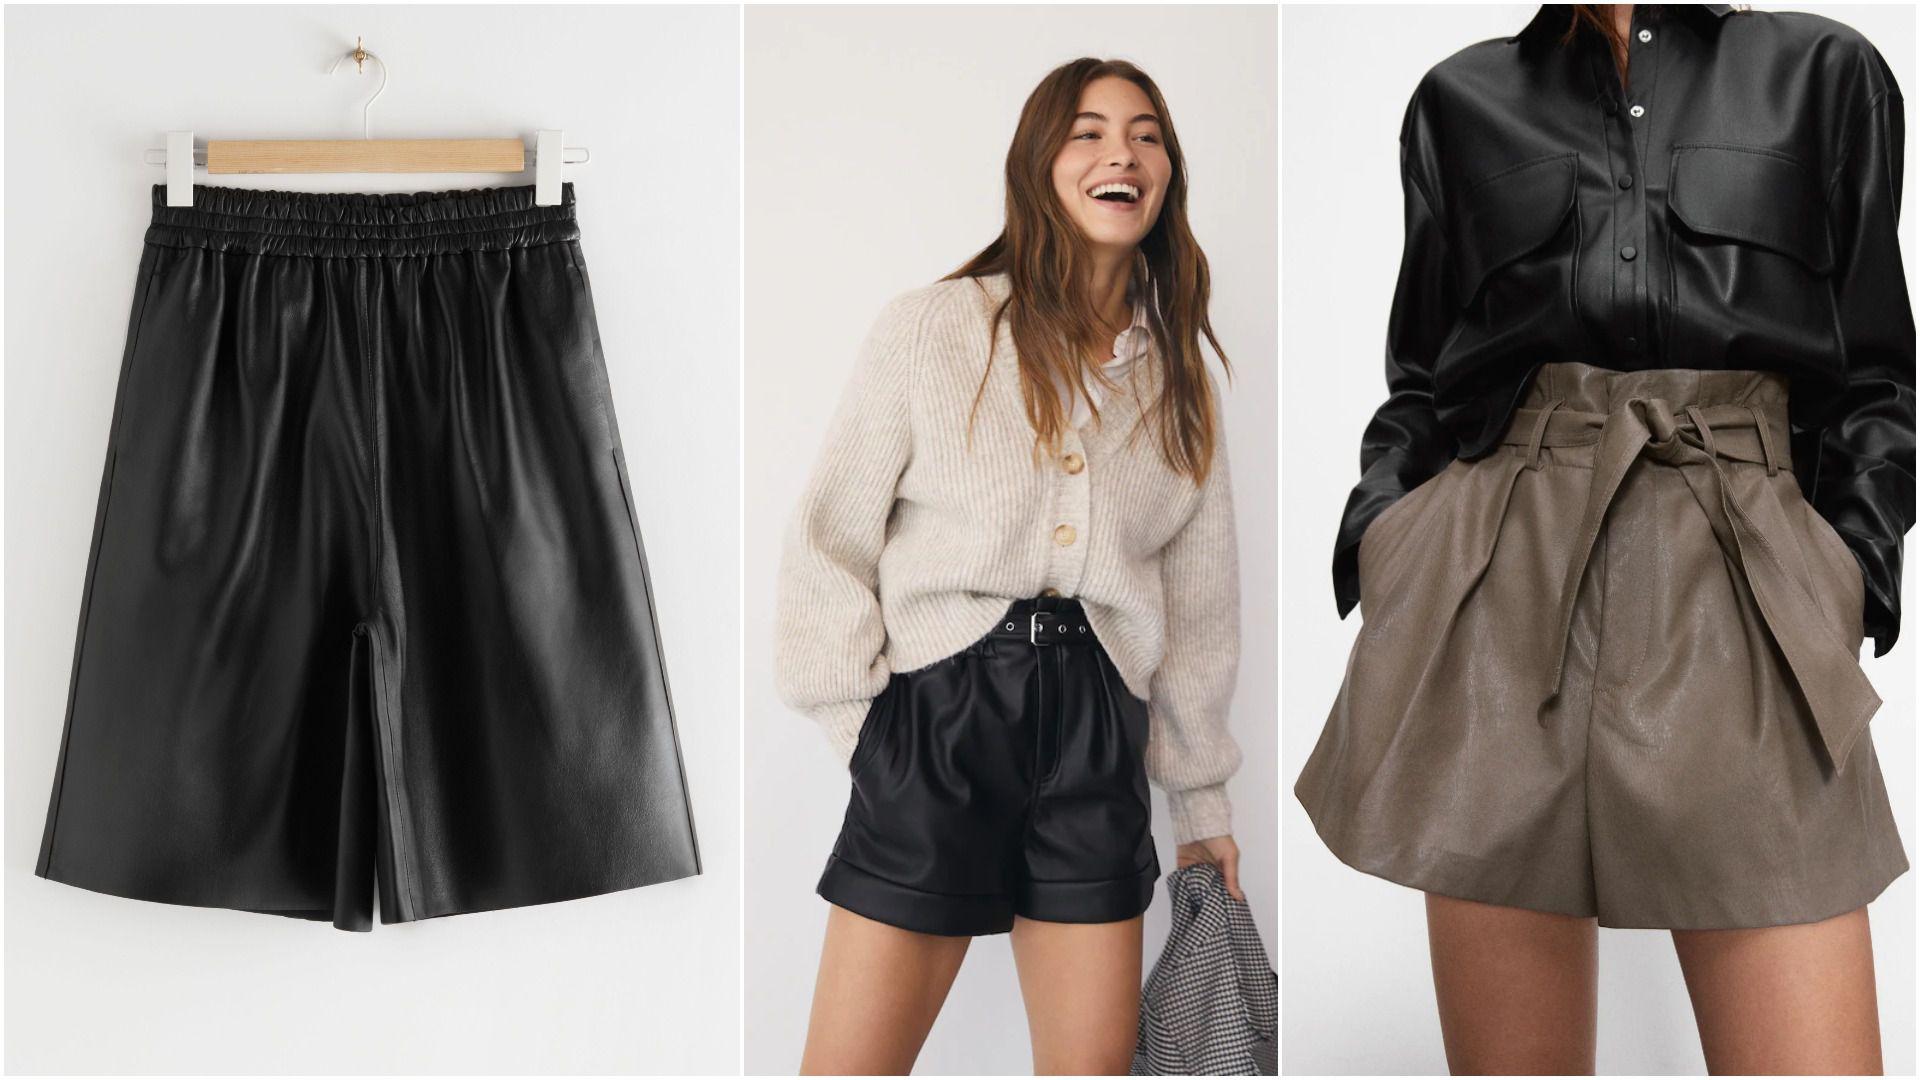 Kratke hlače i bermude od umjetne kože odličan su odabir za hladnu sezonu, pogotovo ako niste ljubiteljica suknji